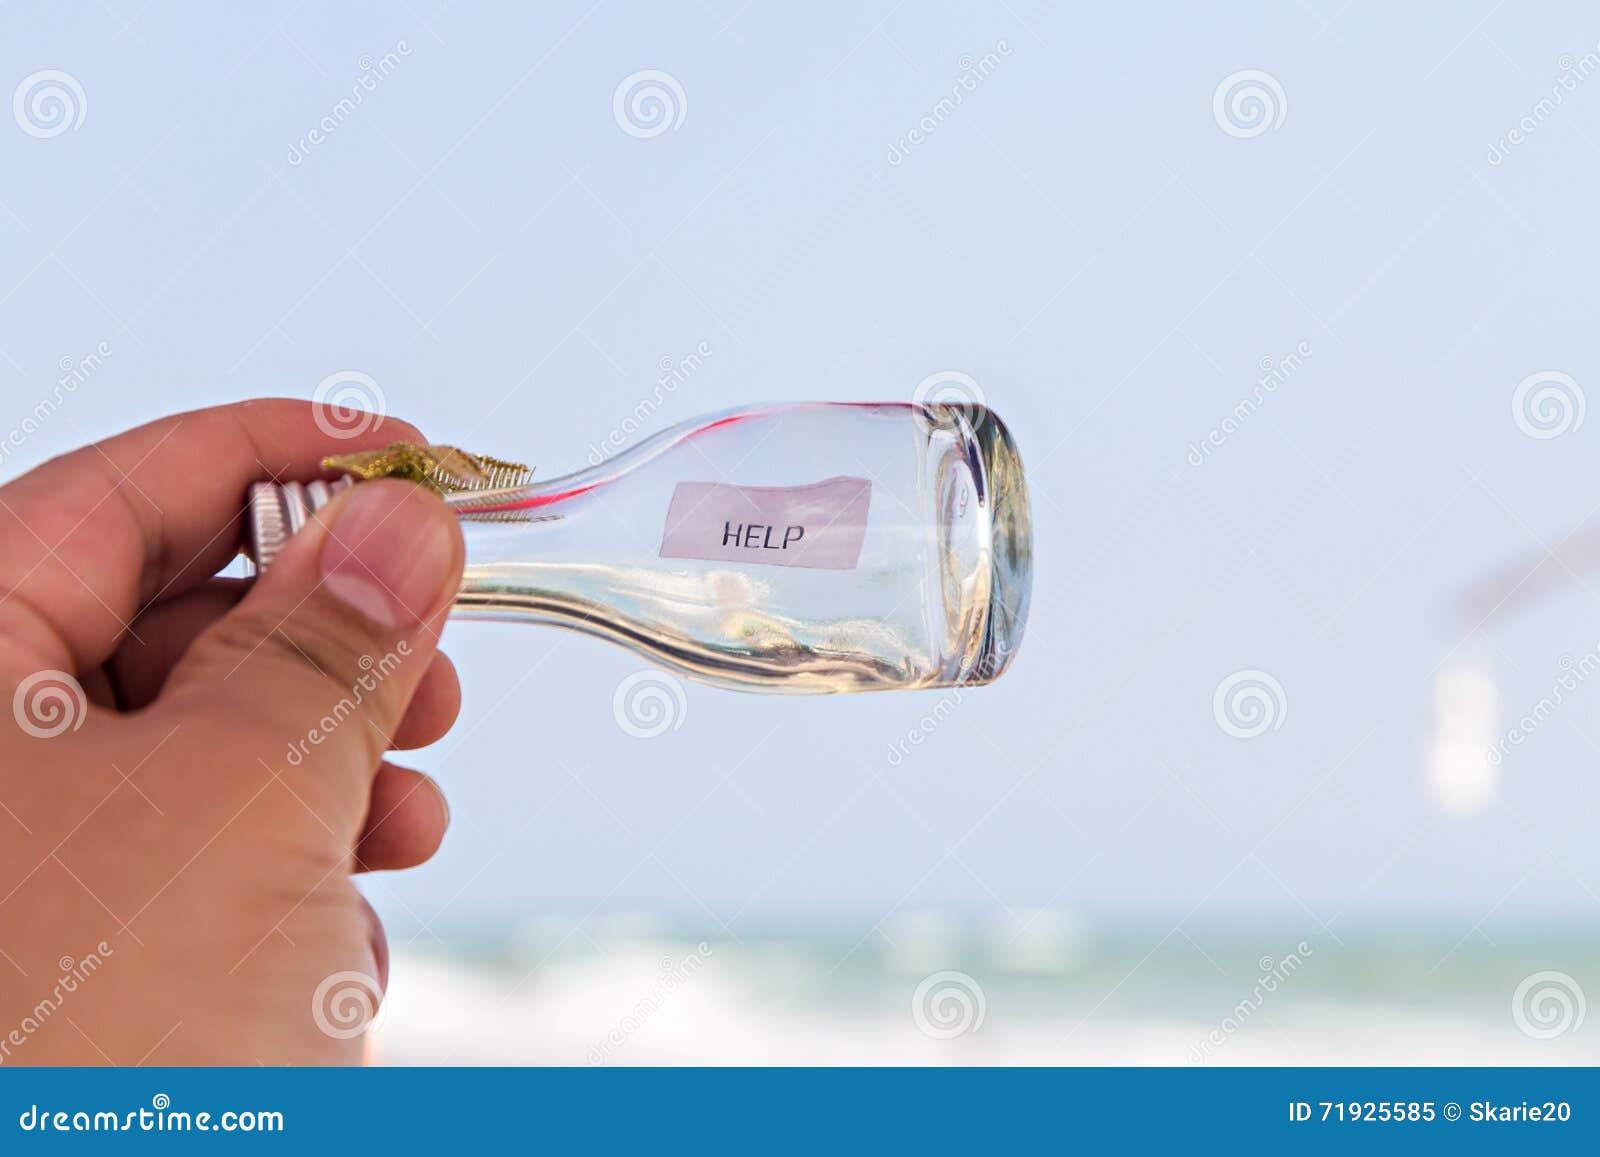 Сообщение ПОМОЩИ в стеклянной бутылке